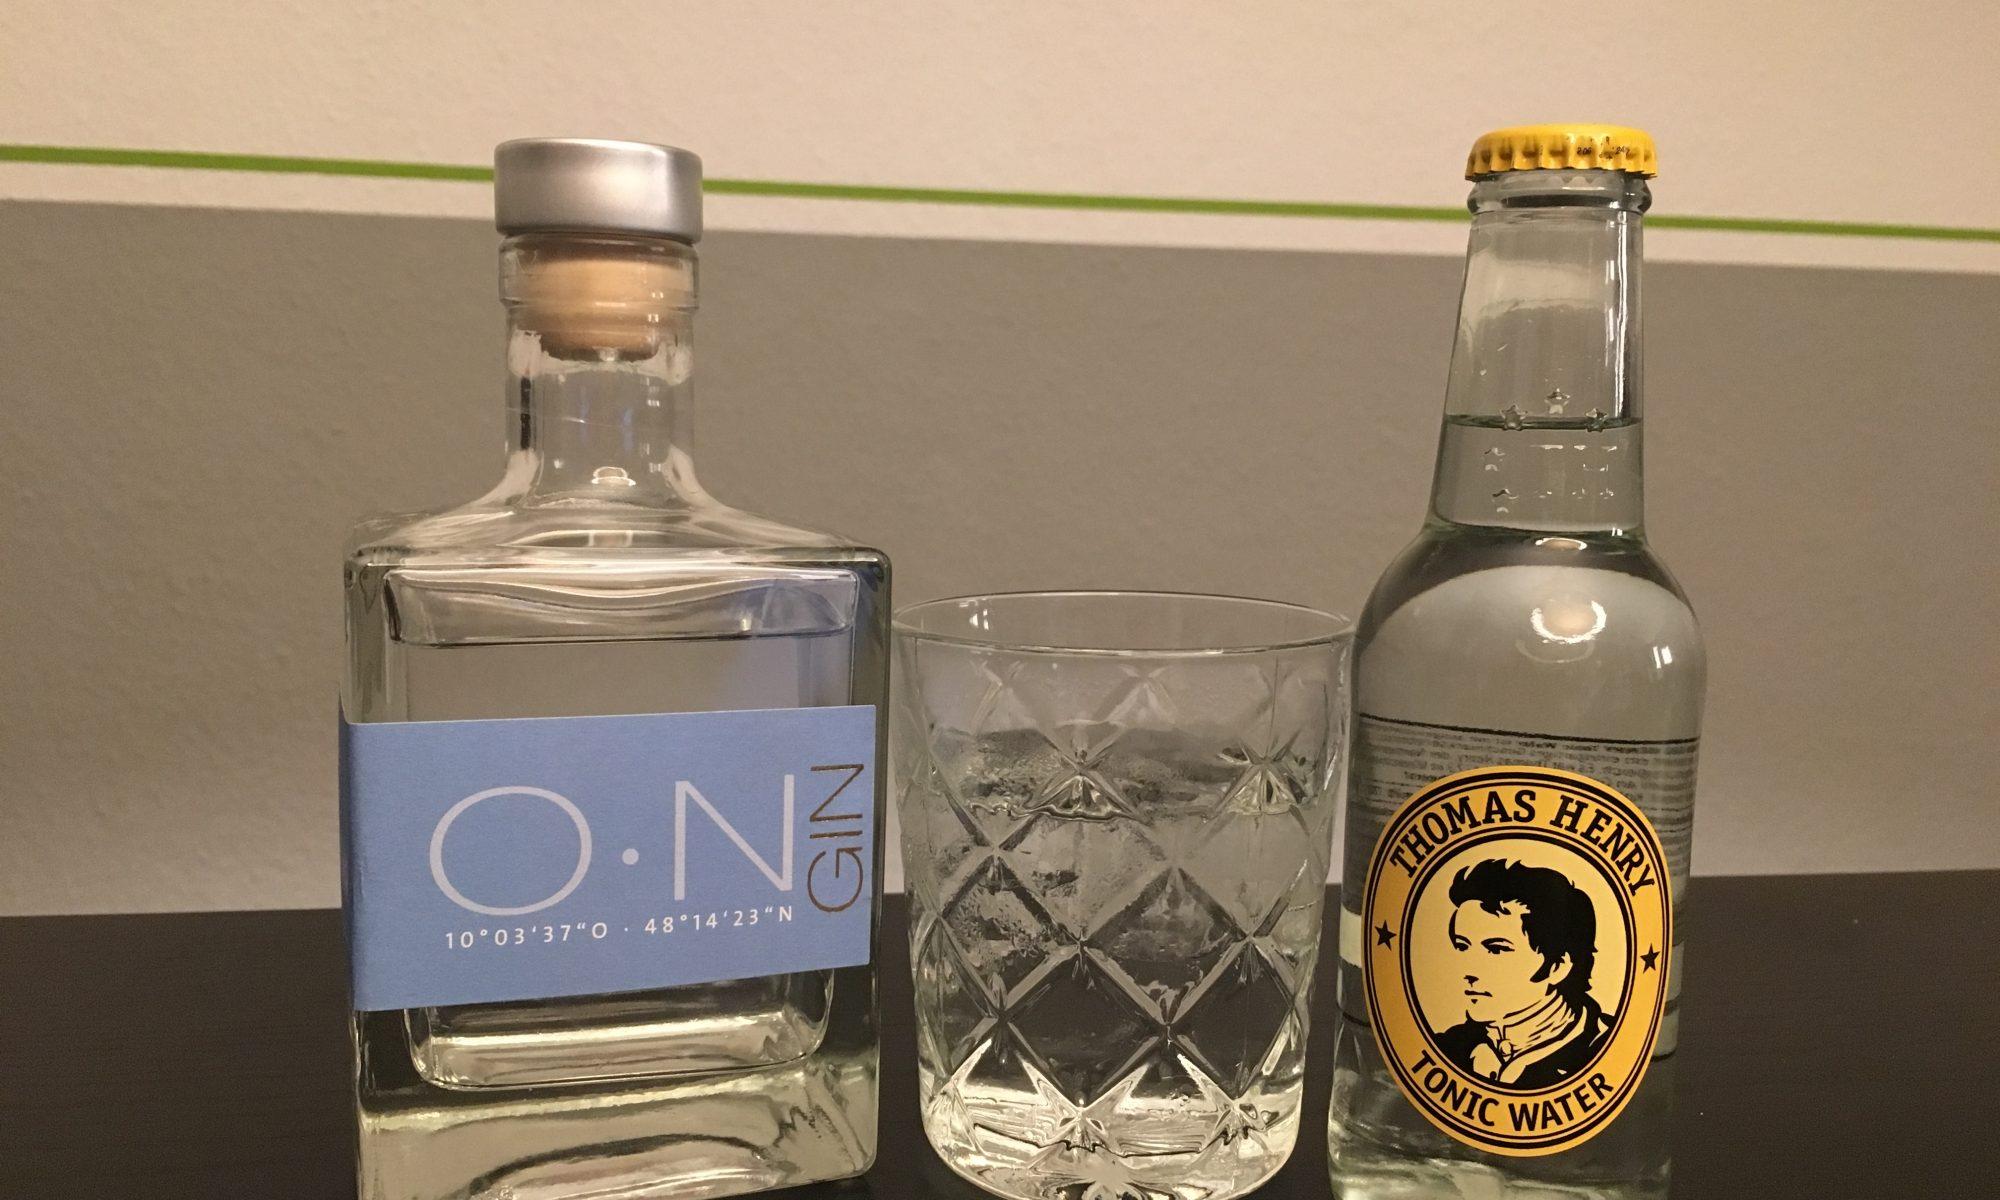 O.N Dry Gin